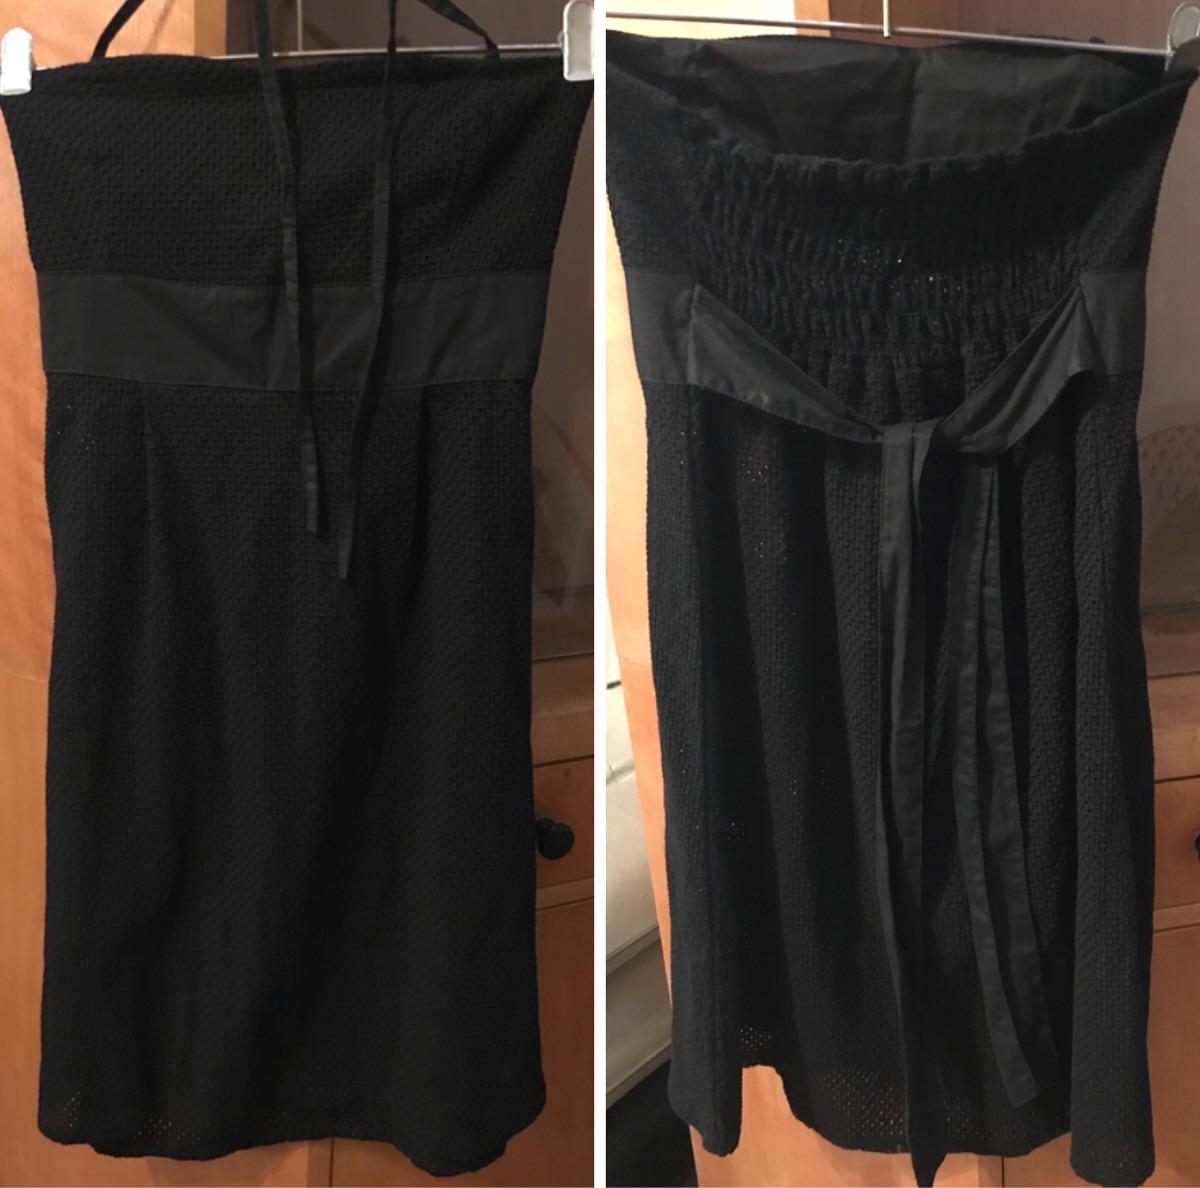 09ed519a6 vestido de fiesta corto negro strapless noche talle 1 2 envi. Cargando zoom.